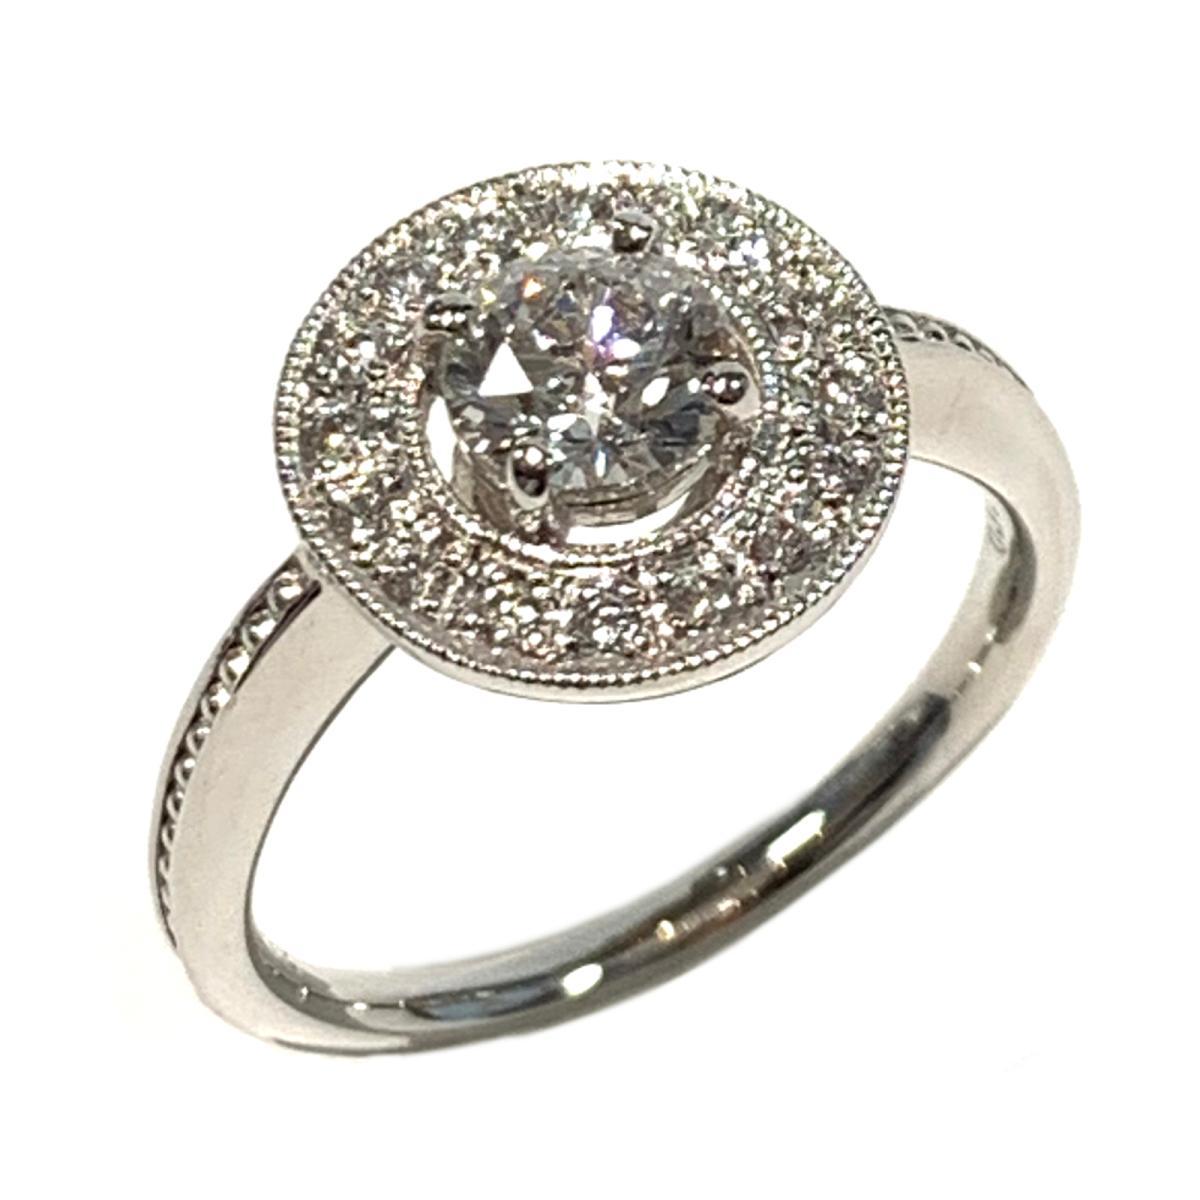 【中古】 ジュエリー ダイヤモンド リング 指輪 レディース PT900 プラチナ x ダイヤ0.502/0.12ct クリアー シルバー | JEWELRY BRANDOFF ブランドオフ ブランド アクセサリー